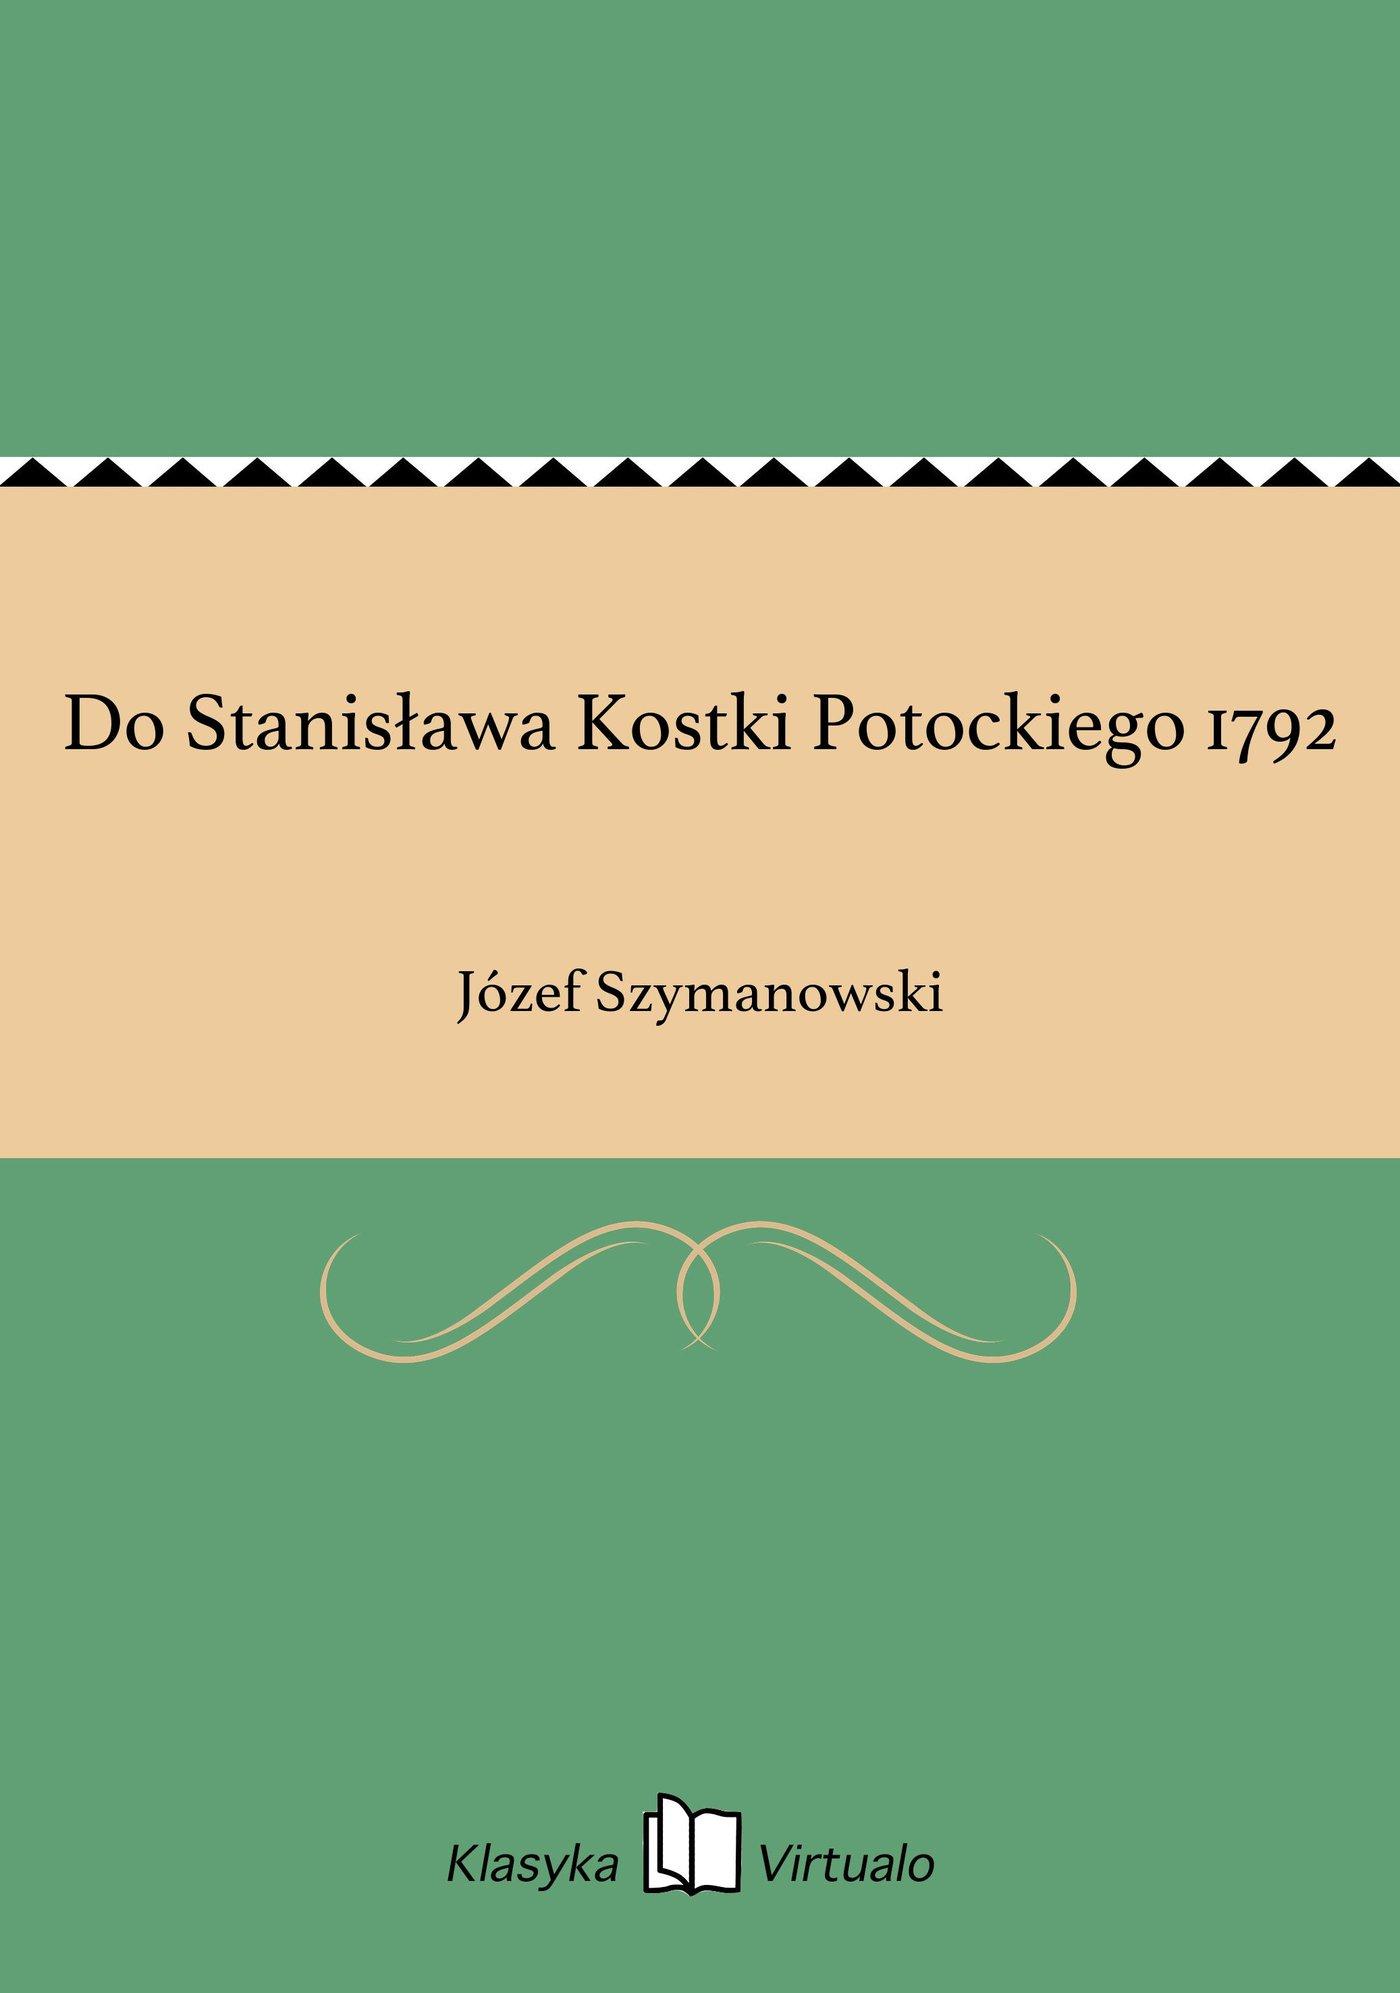 Do Stanisława Kostki Potockiego 1792 - Ebook (Książka EPUB) do pobrania w formacie EPUB